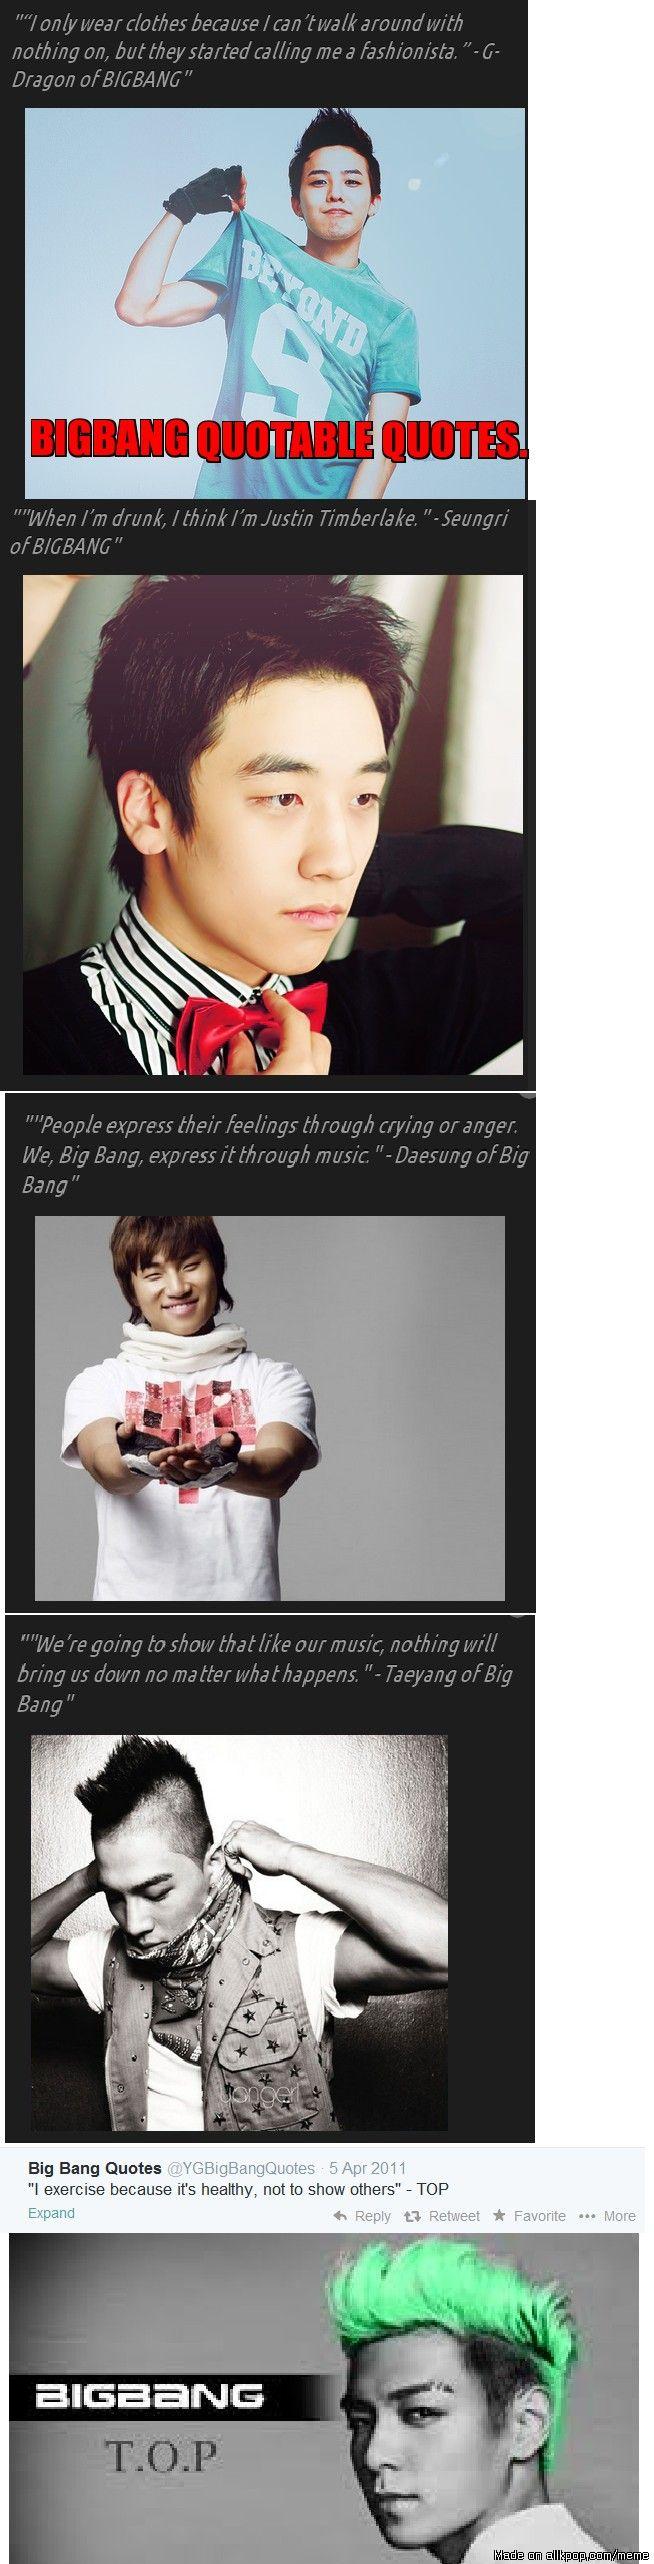 BIGBANG QUOTES | allkpop Meme Center